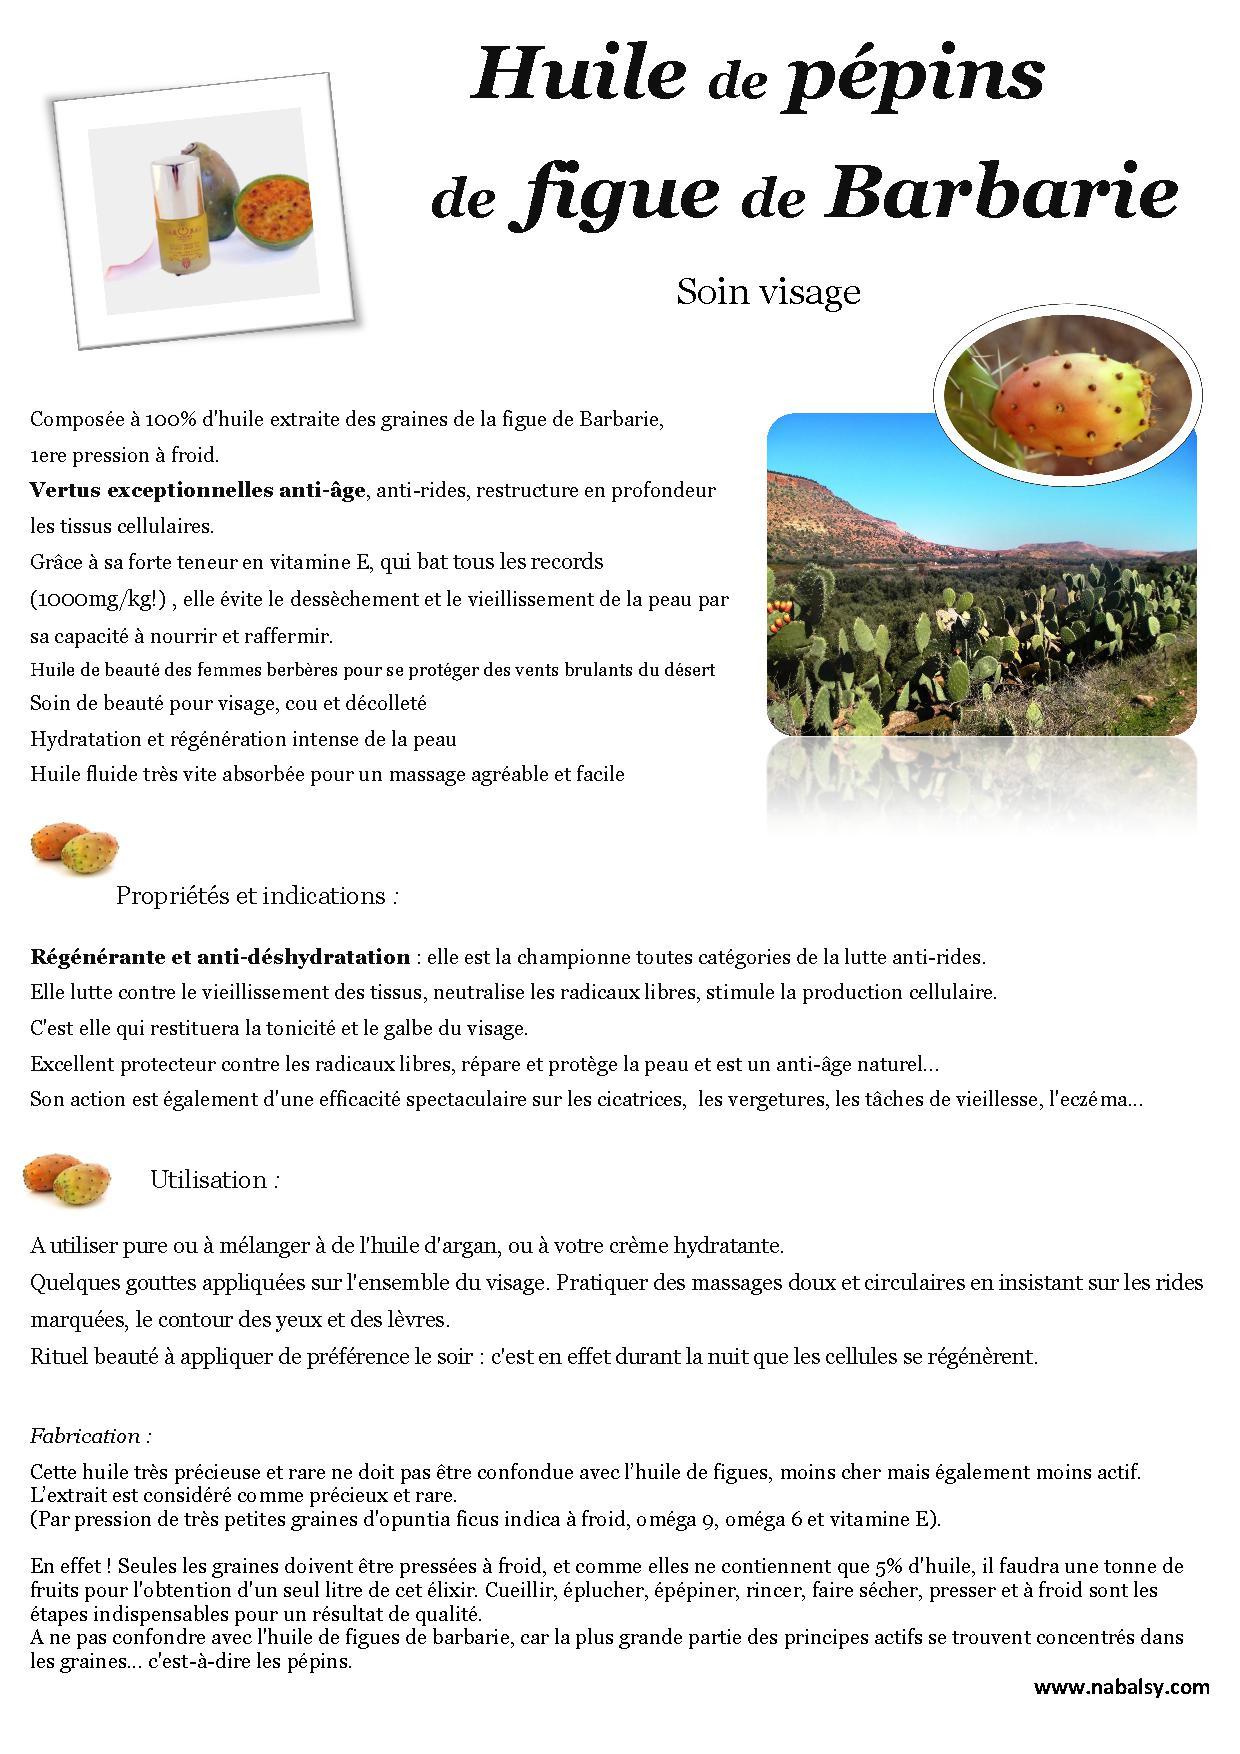 huile de pépin de figue de Barbarie - nabalsy.com